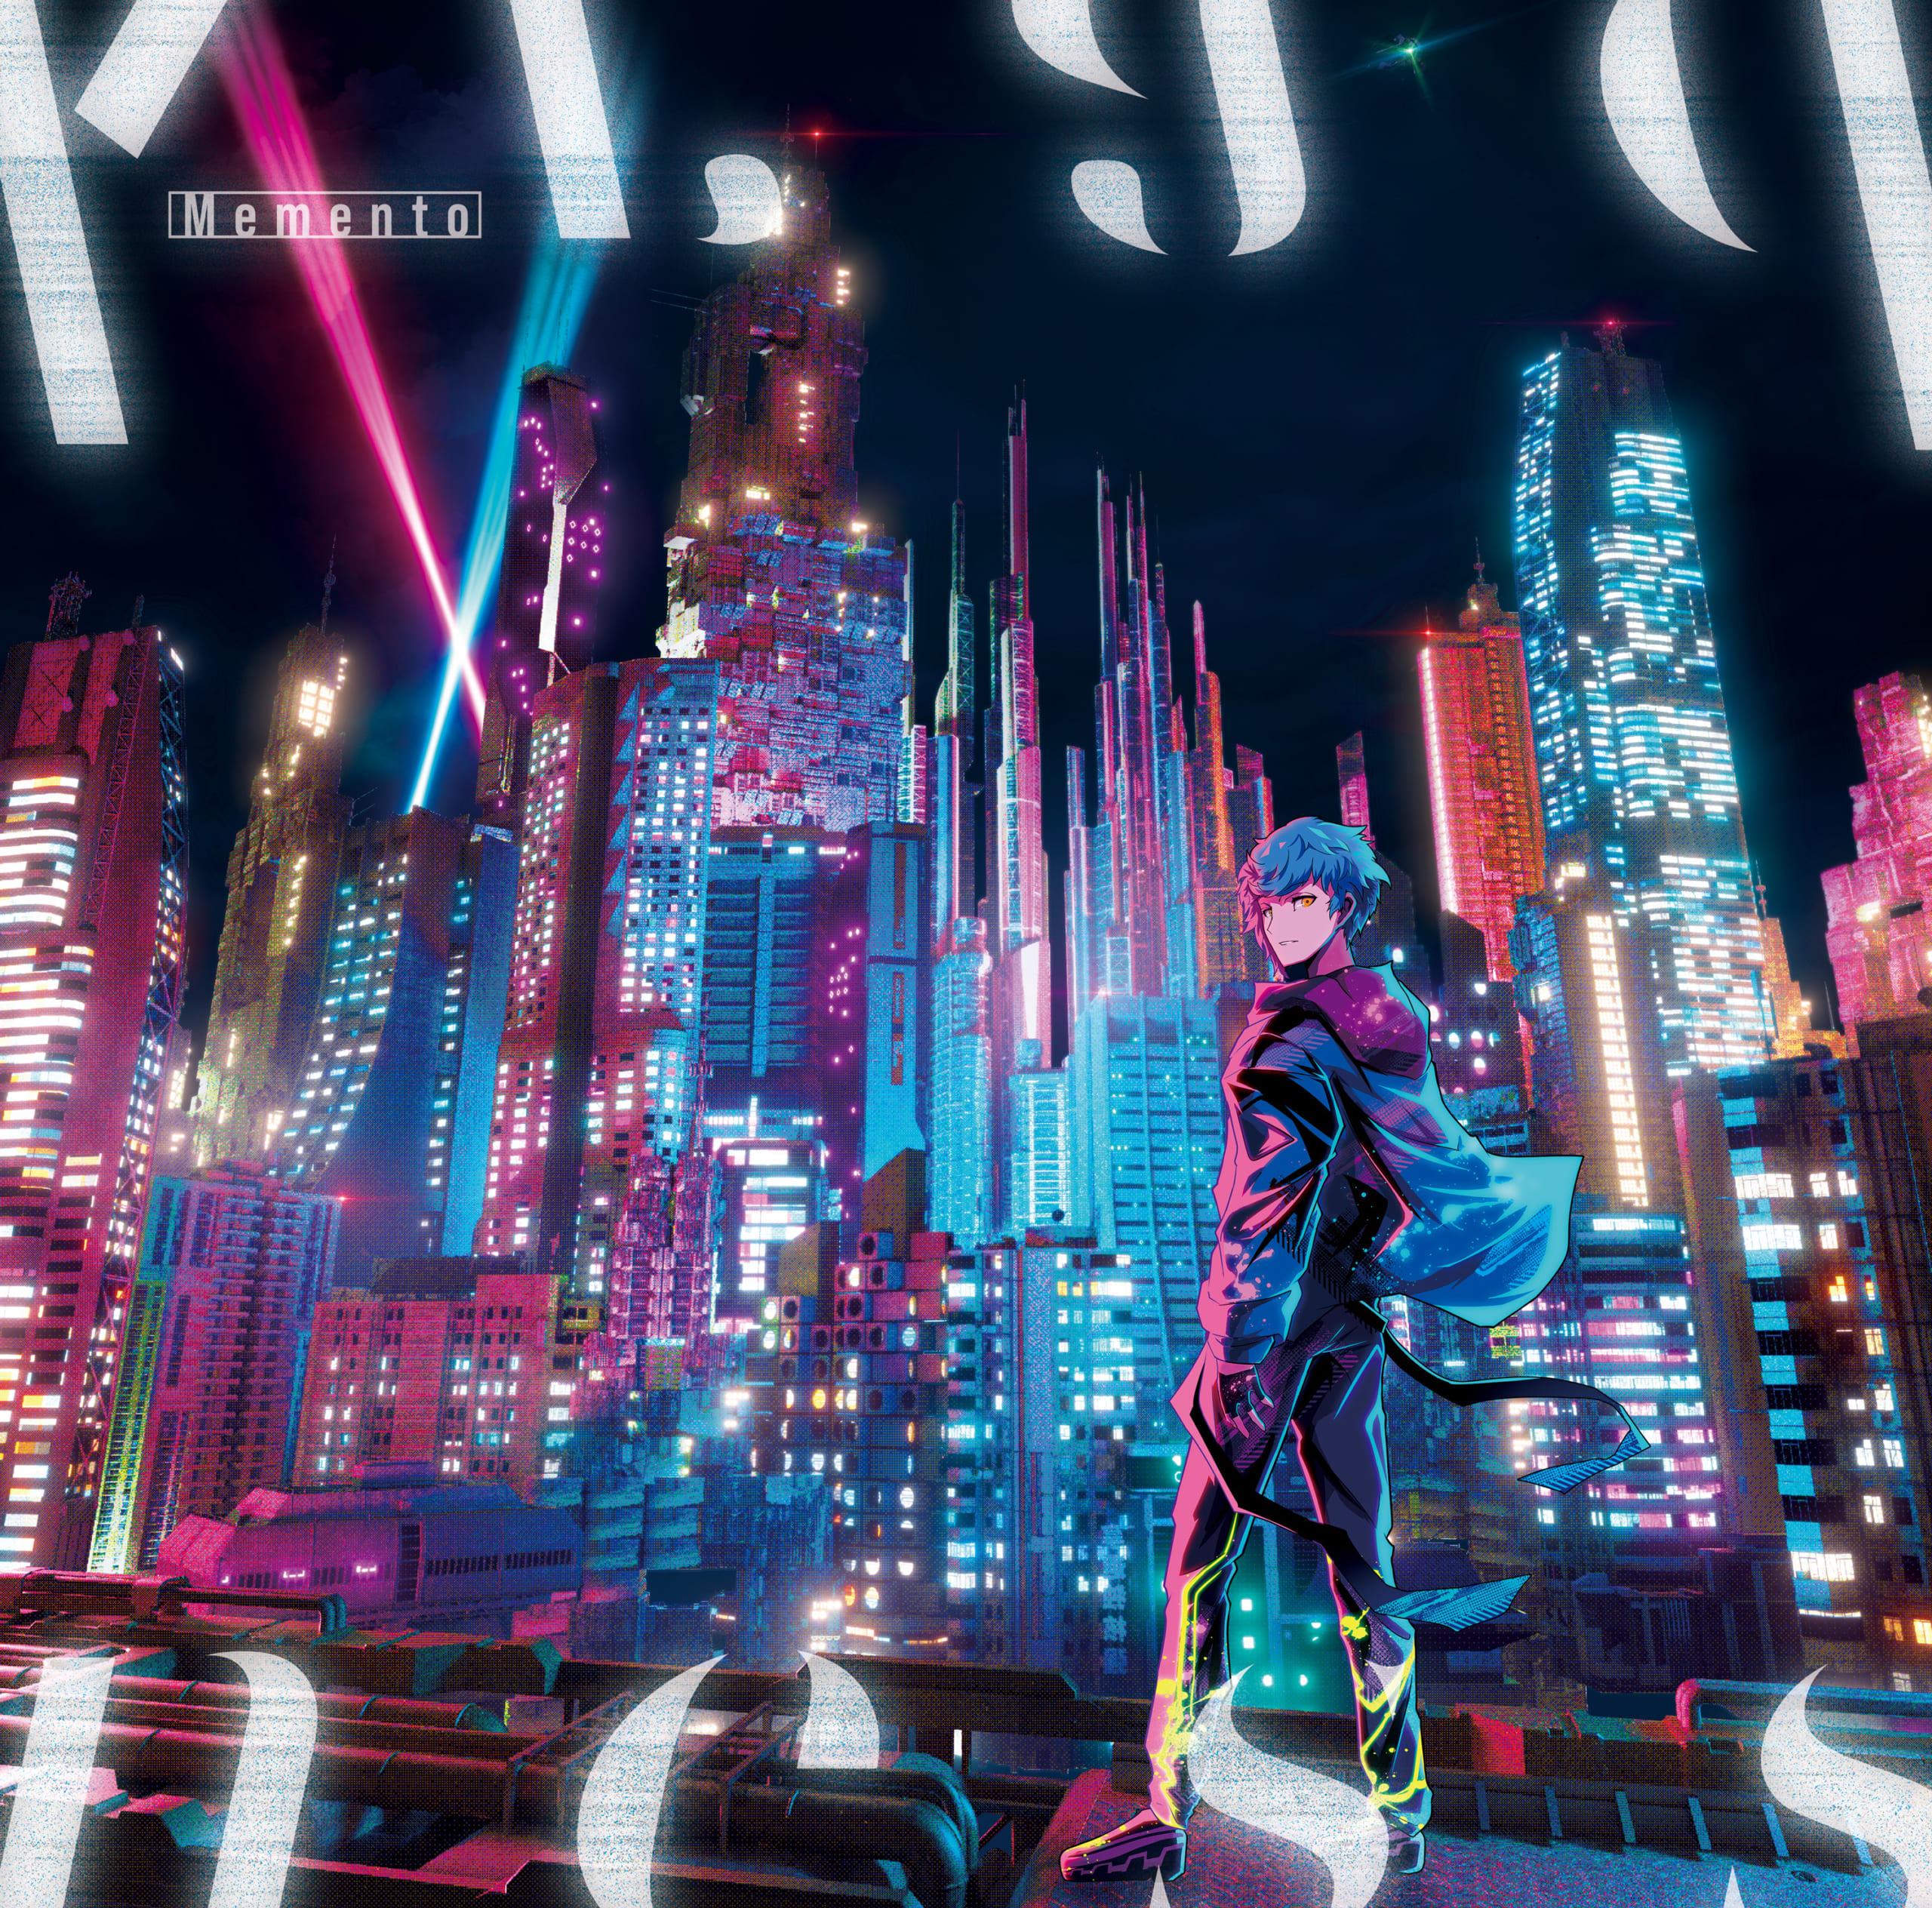 歌い手・Kradnessさん4年ぶりのオリジナルアルバム「Memento」全曲試聴クロスフェード動画が公開!